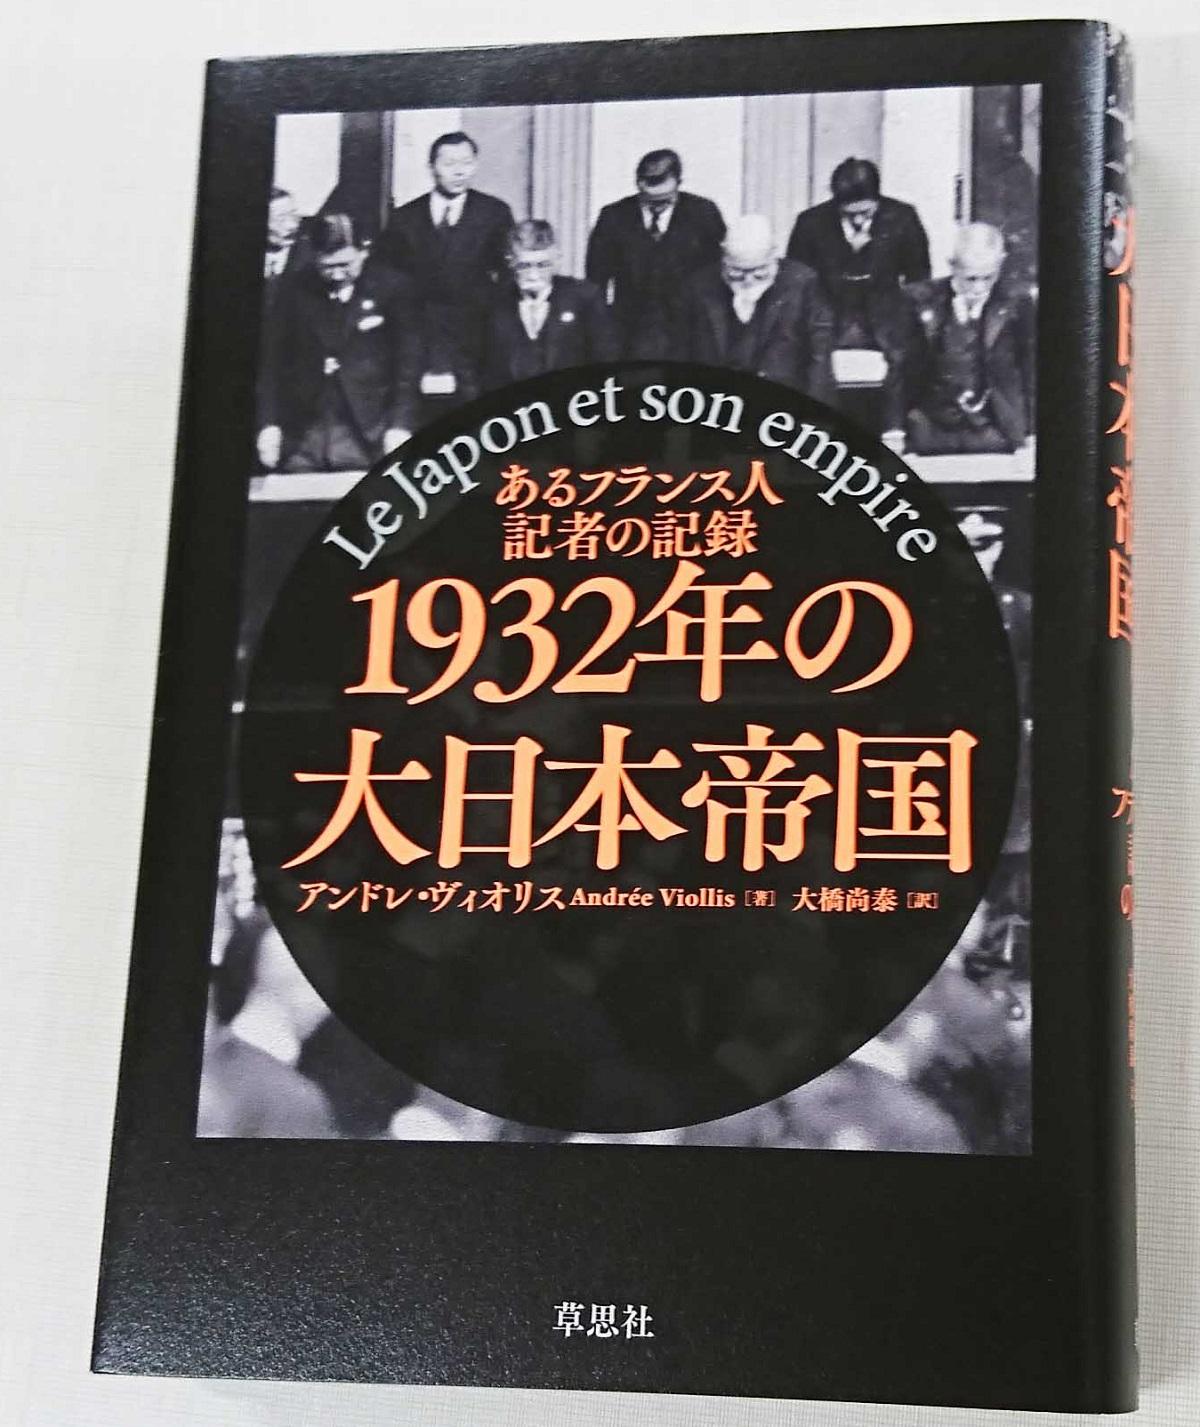 ヴィオリスが傍聴した1932年3月22日の帝国議会に出席した閣僚たち。右端が犬養毅首相。装幀者は鈴木正道(Suzuki Design)